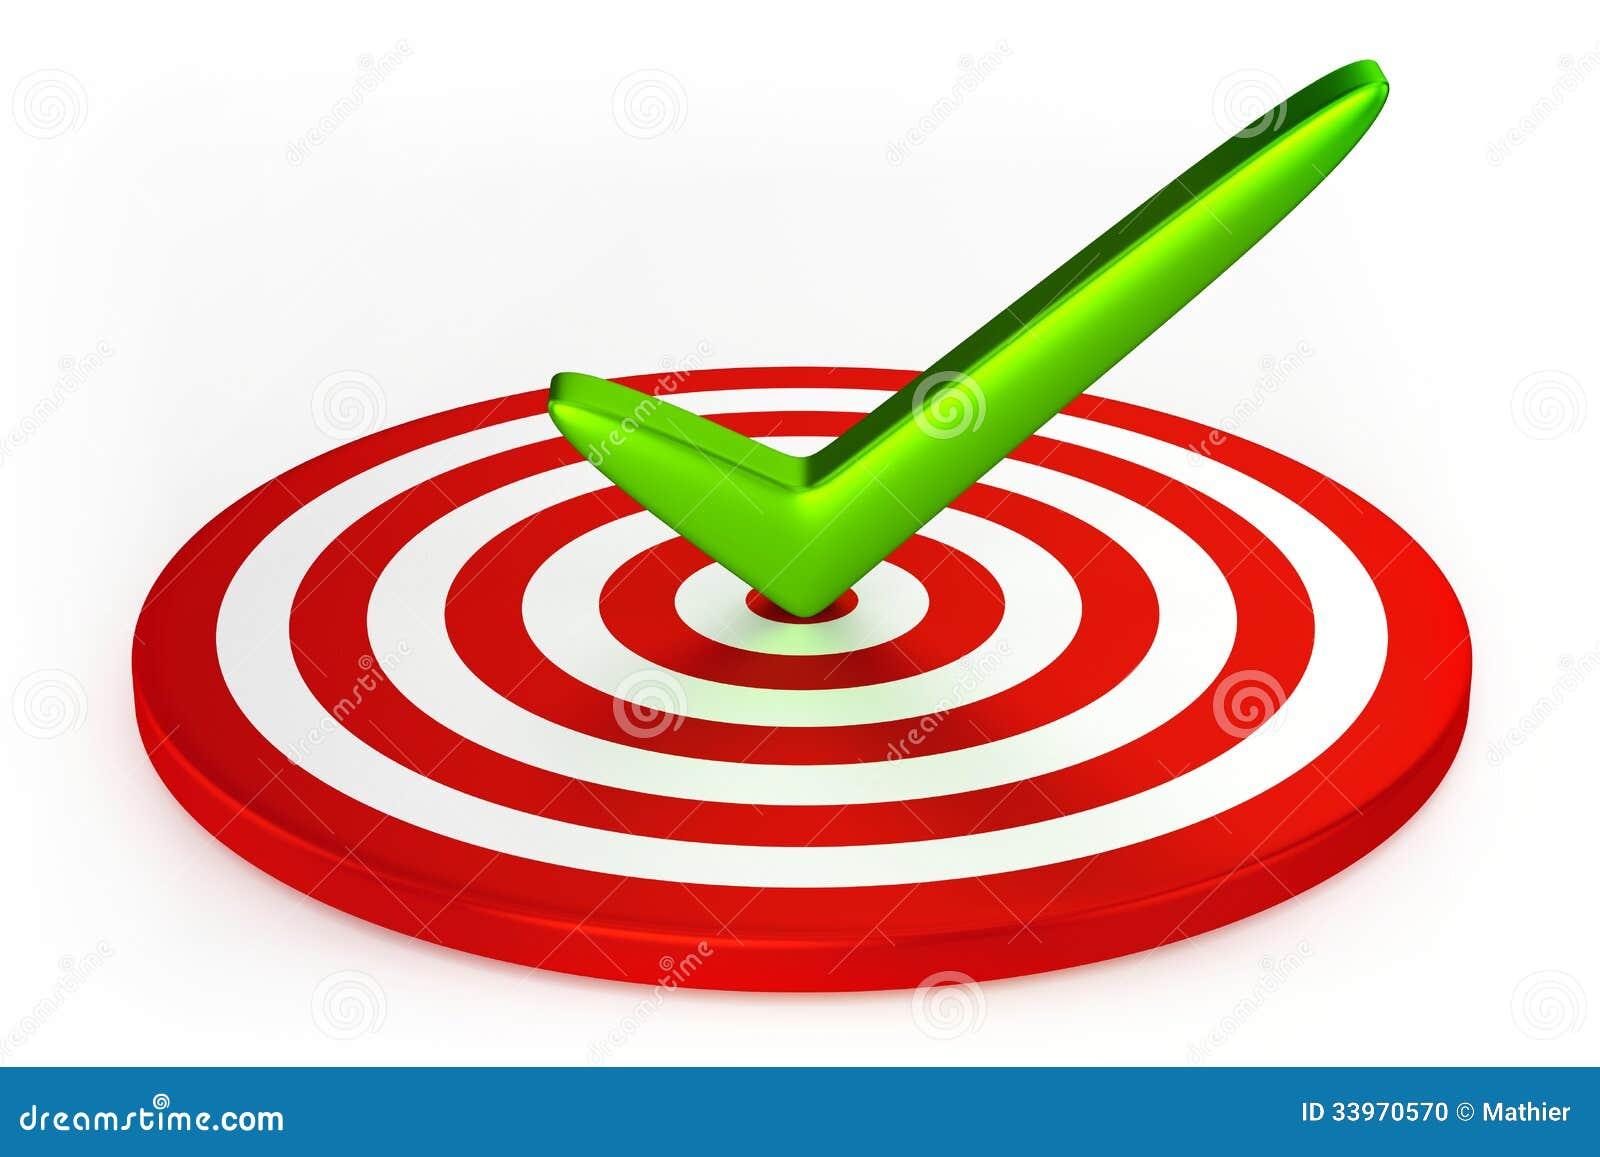 Goal Accomplished Stock Photo - Image: 33970570